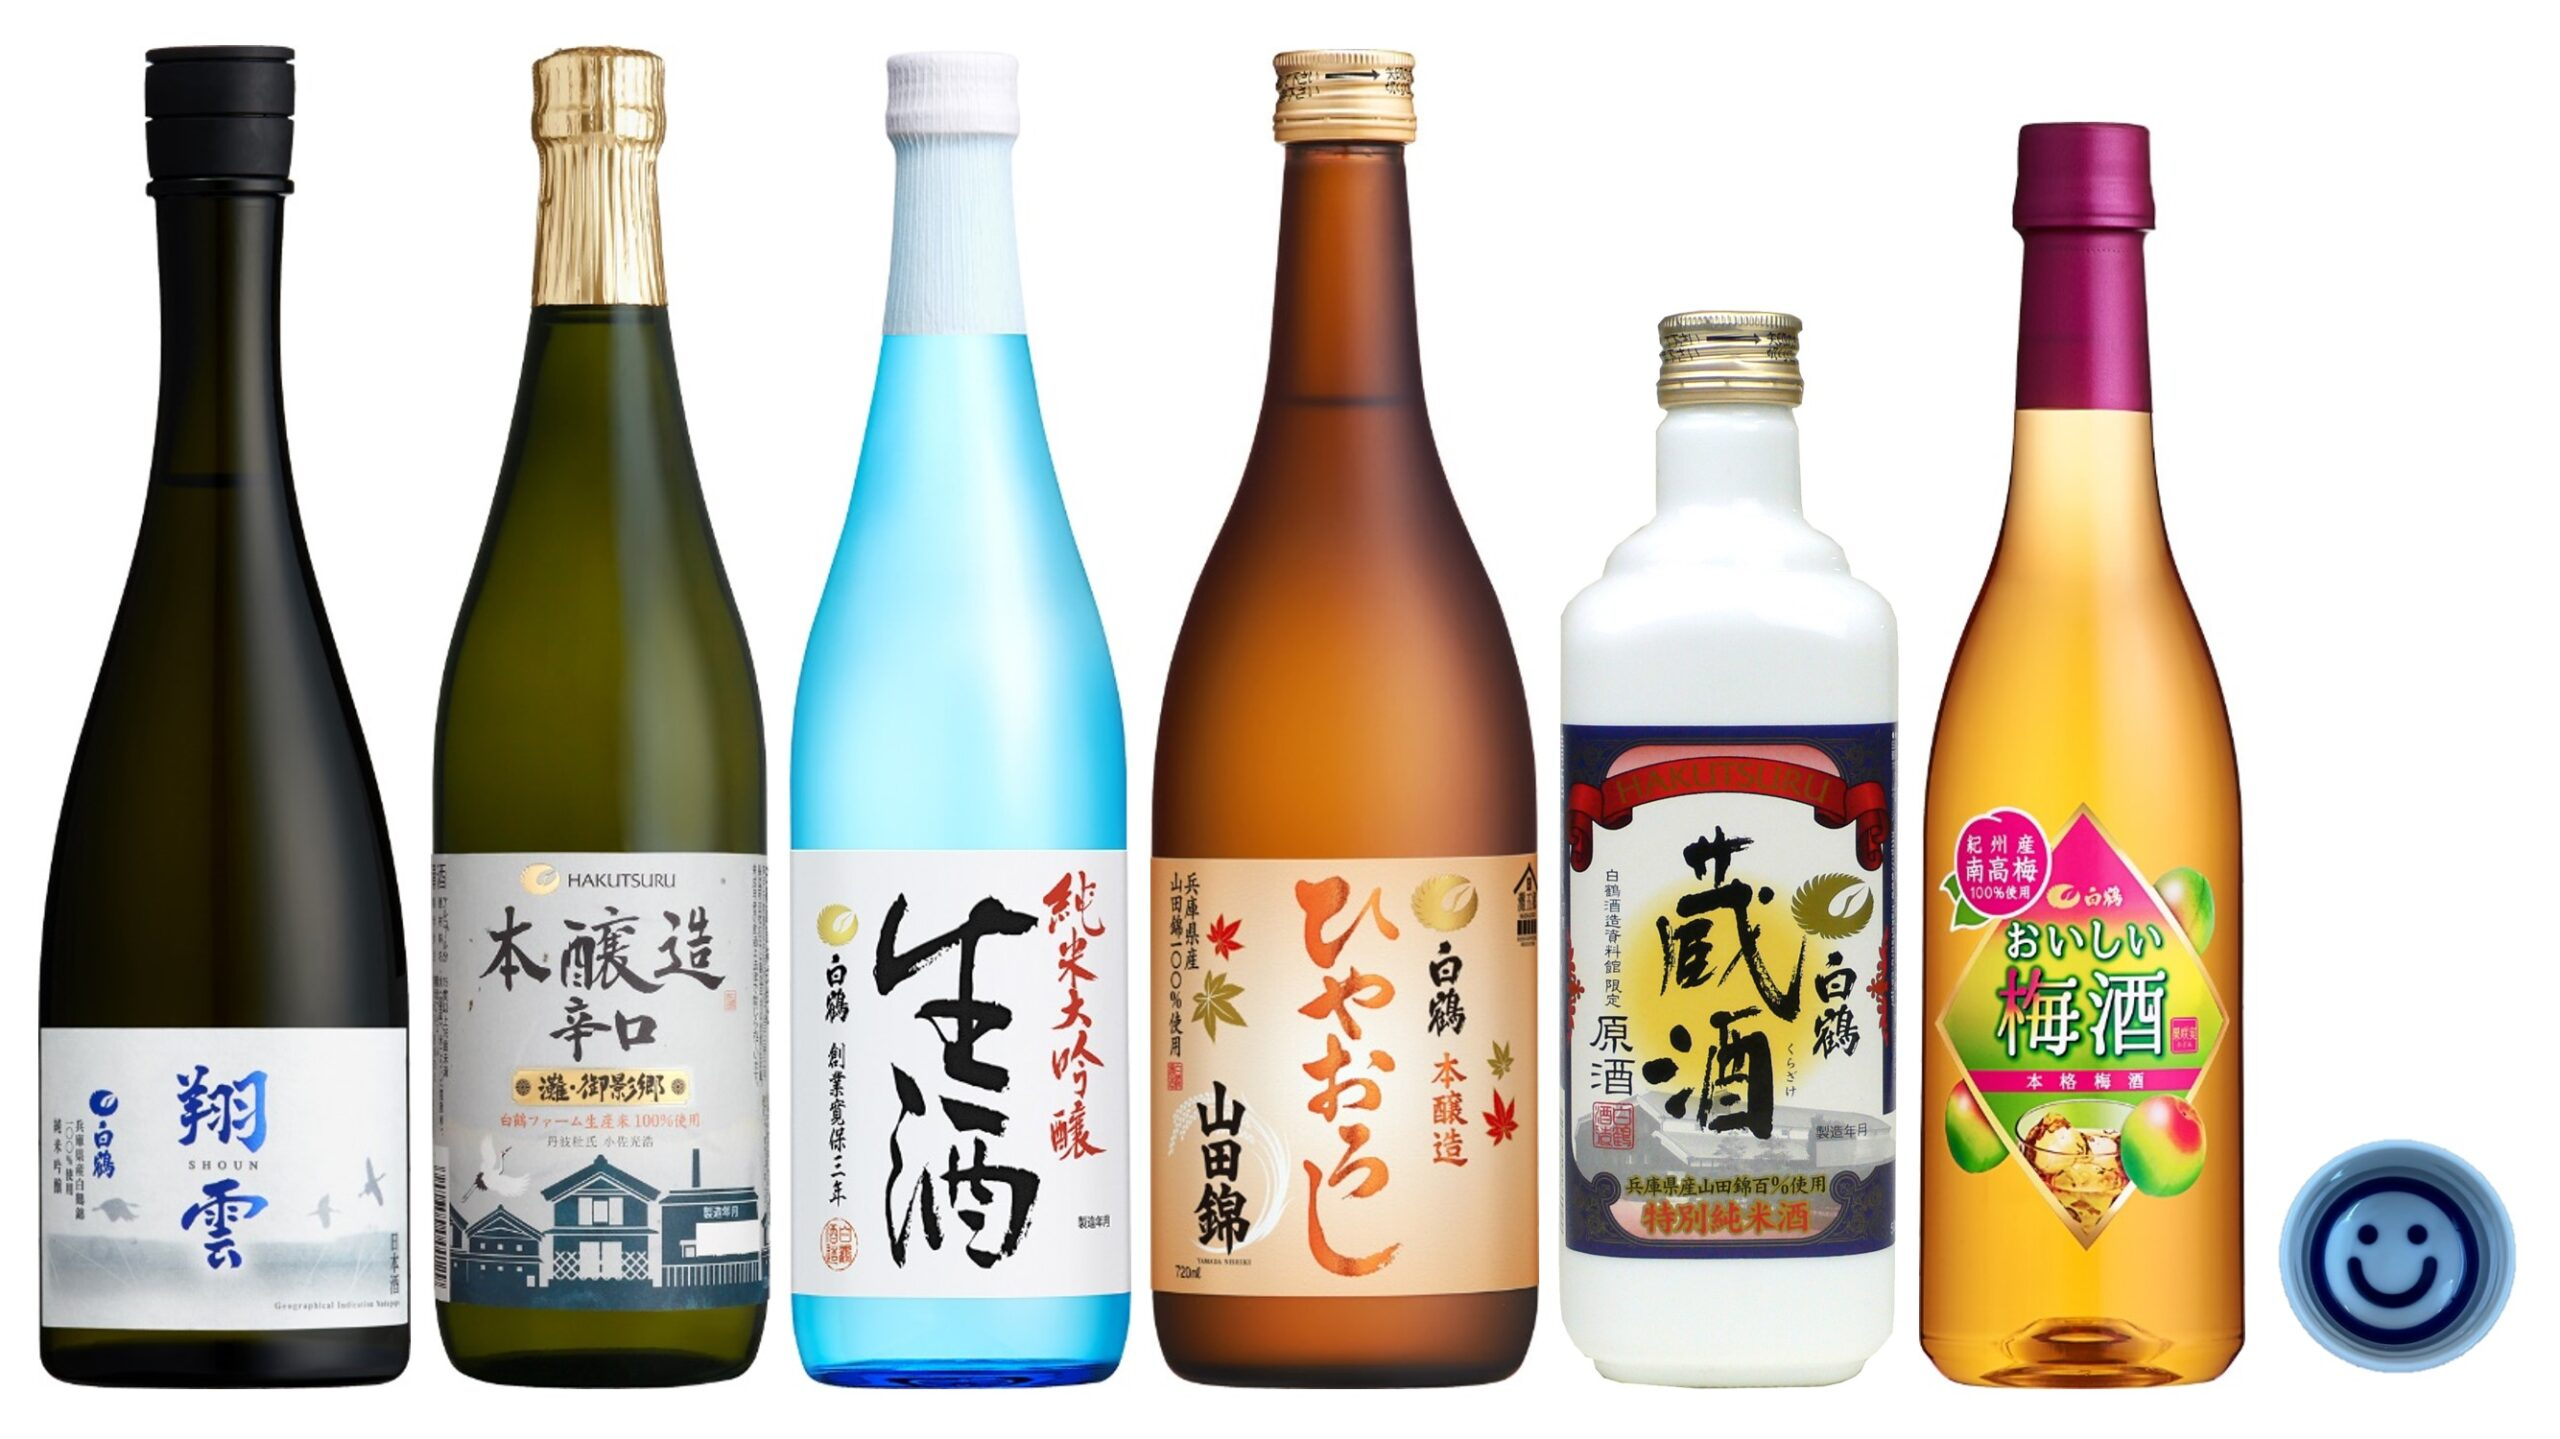 白鶴「酒蔵開放」オンラインイベント開催決定!10月16日(土)15時からYouTube Liveで「さばいどる かほなん」と酒蔵見学や日本酒ペアリングを疑似体験